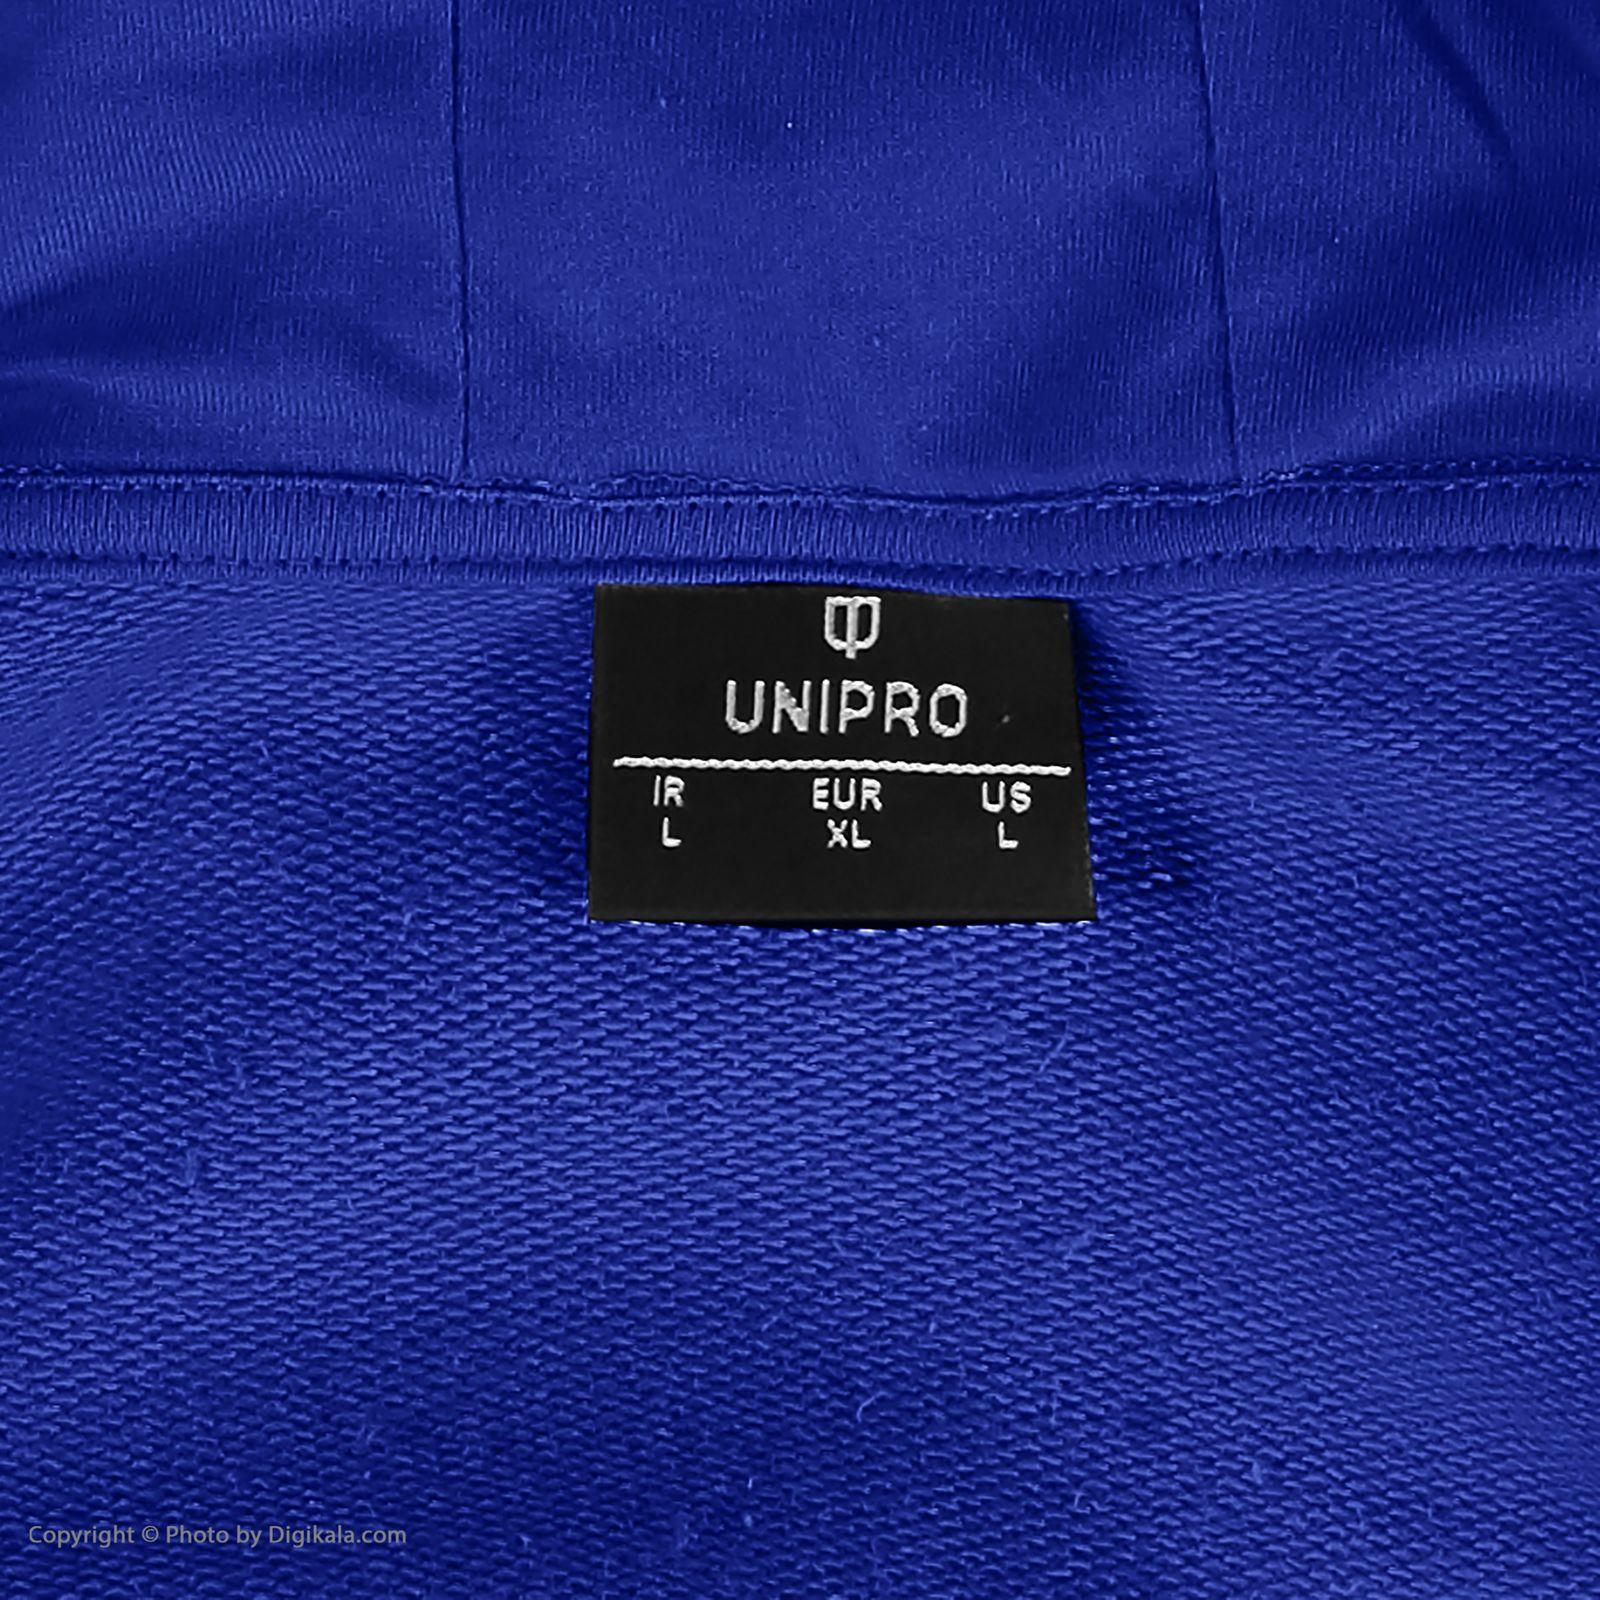 هودی ورزشی مردانه یونی پرو مدل 911159303-10 -  - 6